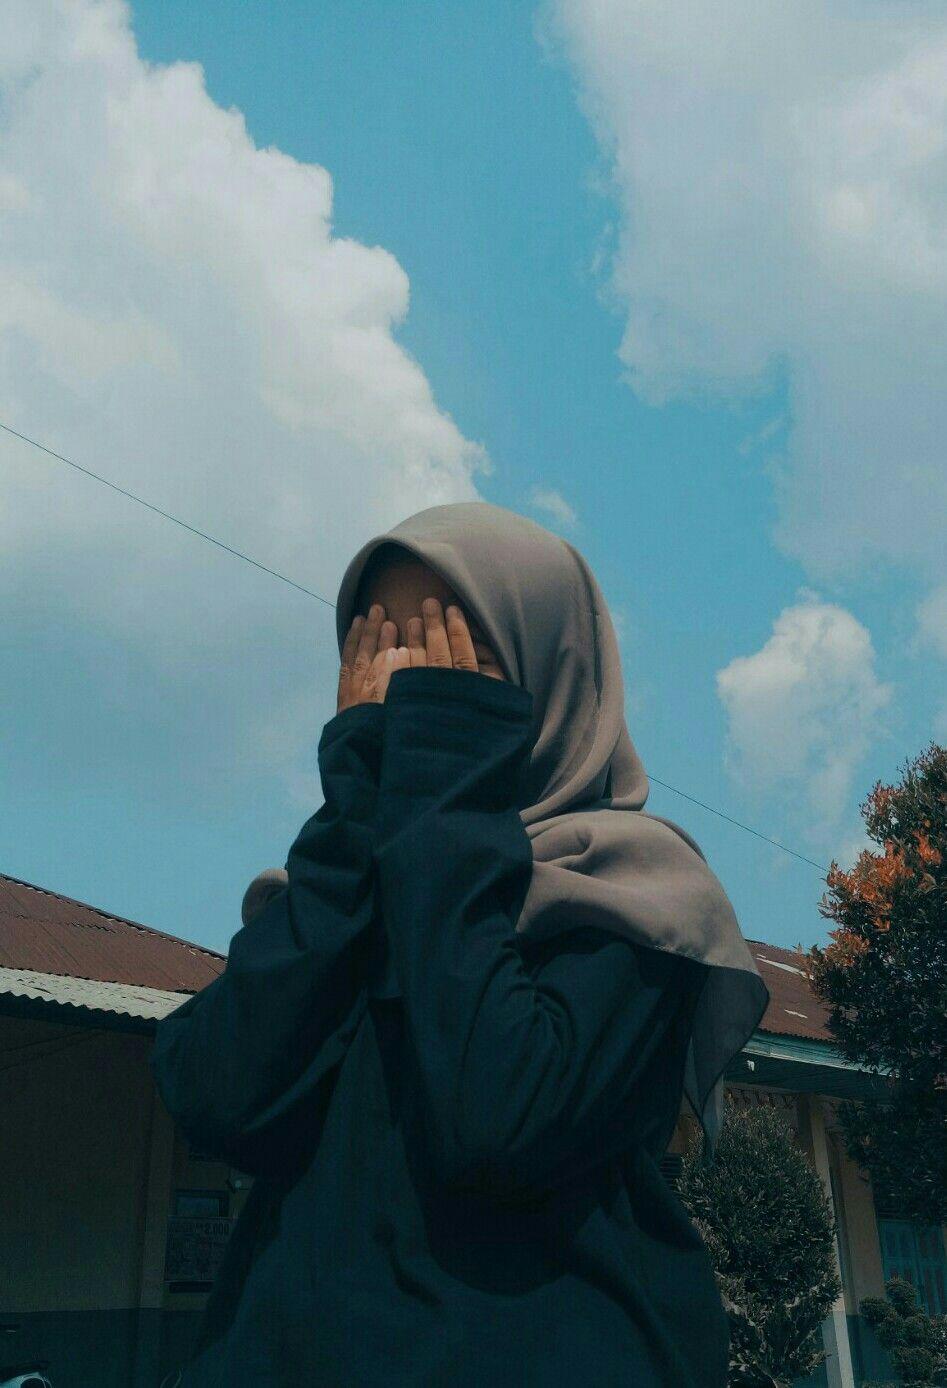 Foto profil wa keren tentunya dapat membuat tampilan akun whatsapp kamu terlihat aesthetic dan kece di mata pengguna lain saat chattingan. 200 Hijab Ideas Potret Diri Fotografi Gaya Remaja